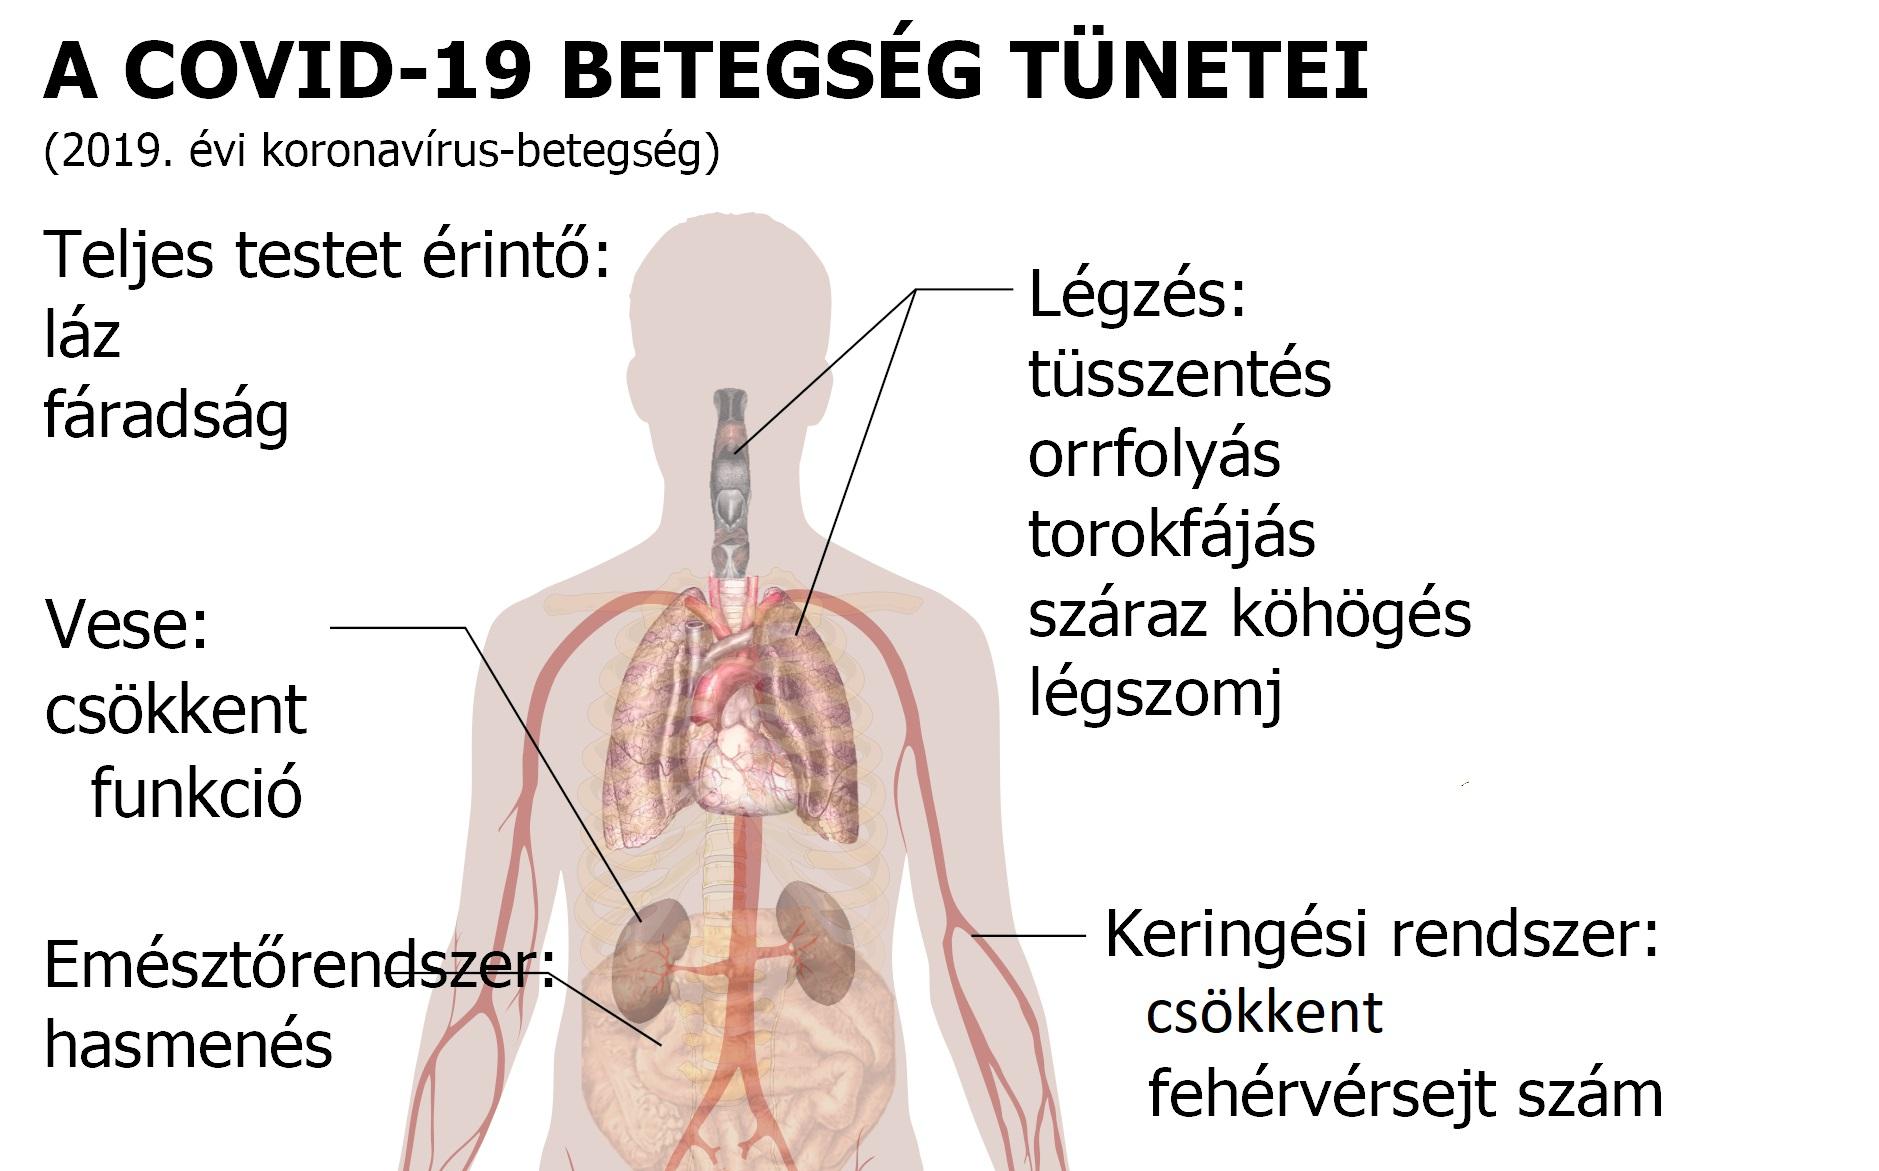 férgek az epehólyag kezelésében népi gyógyszerekkel)